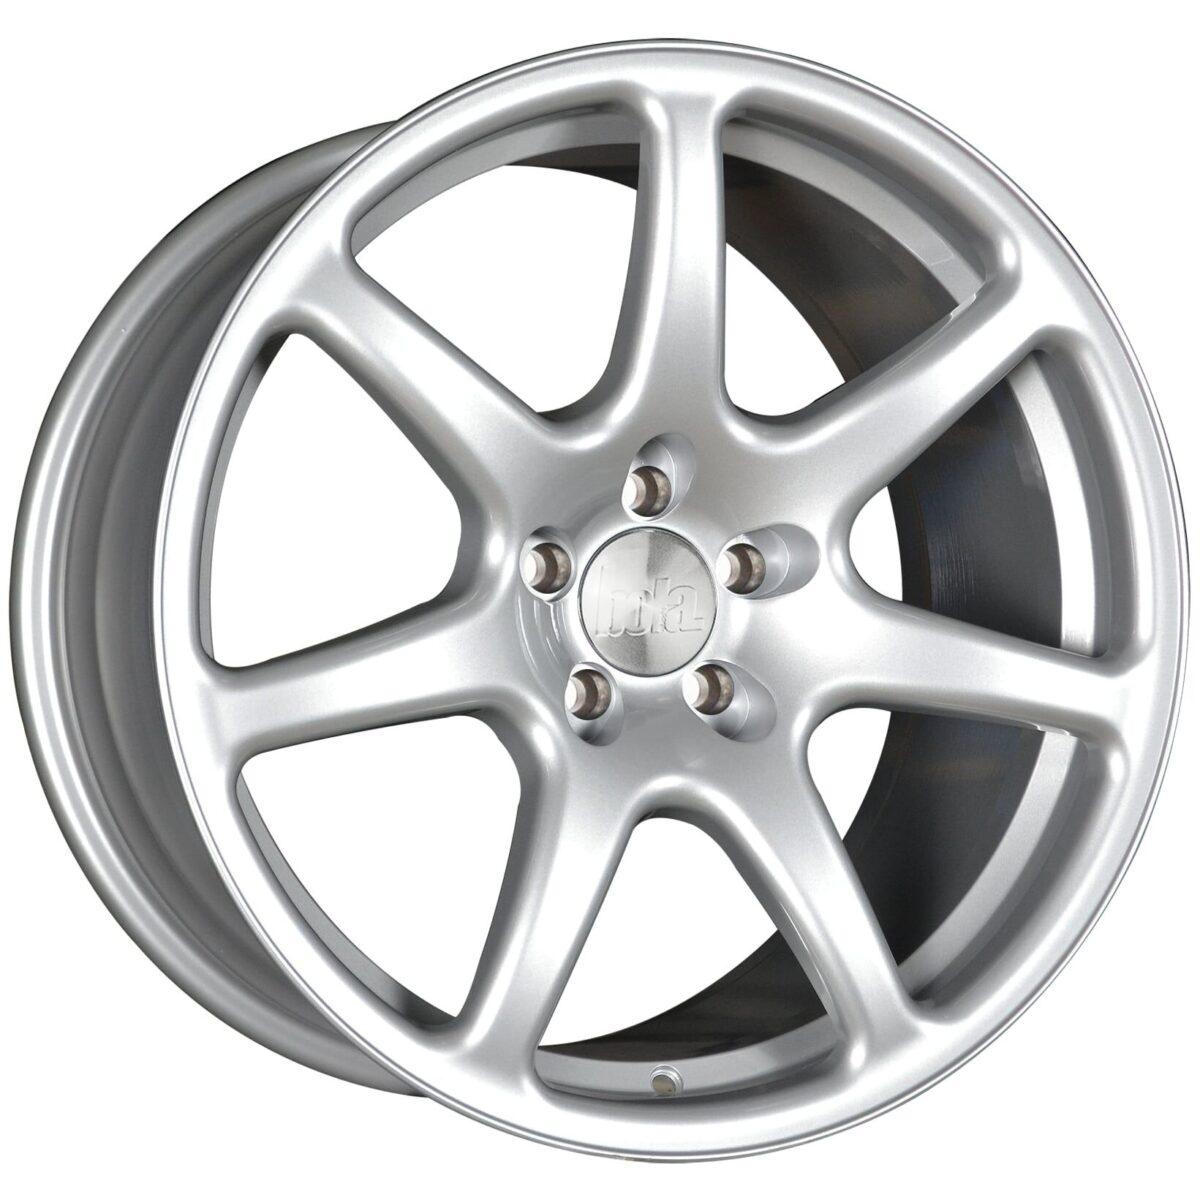 """18"""" BOLA B7 Wheels - Silver - VW / Audi / Mercedes - 5x112"""